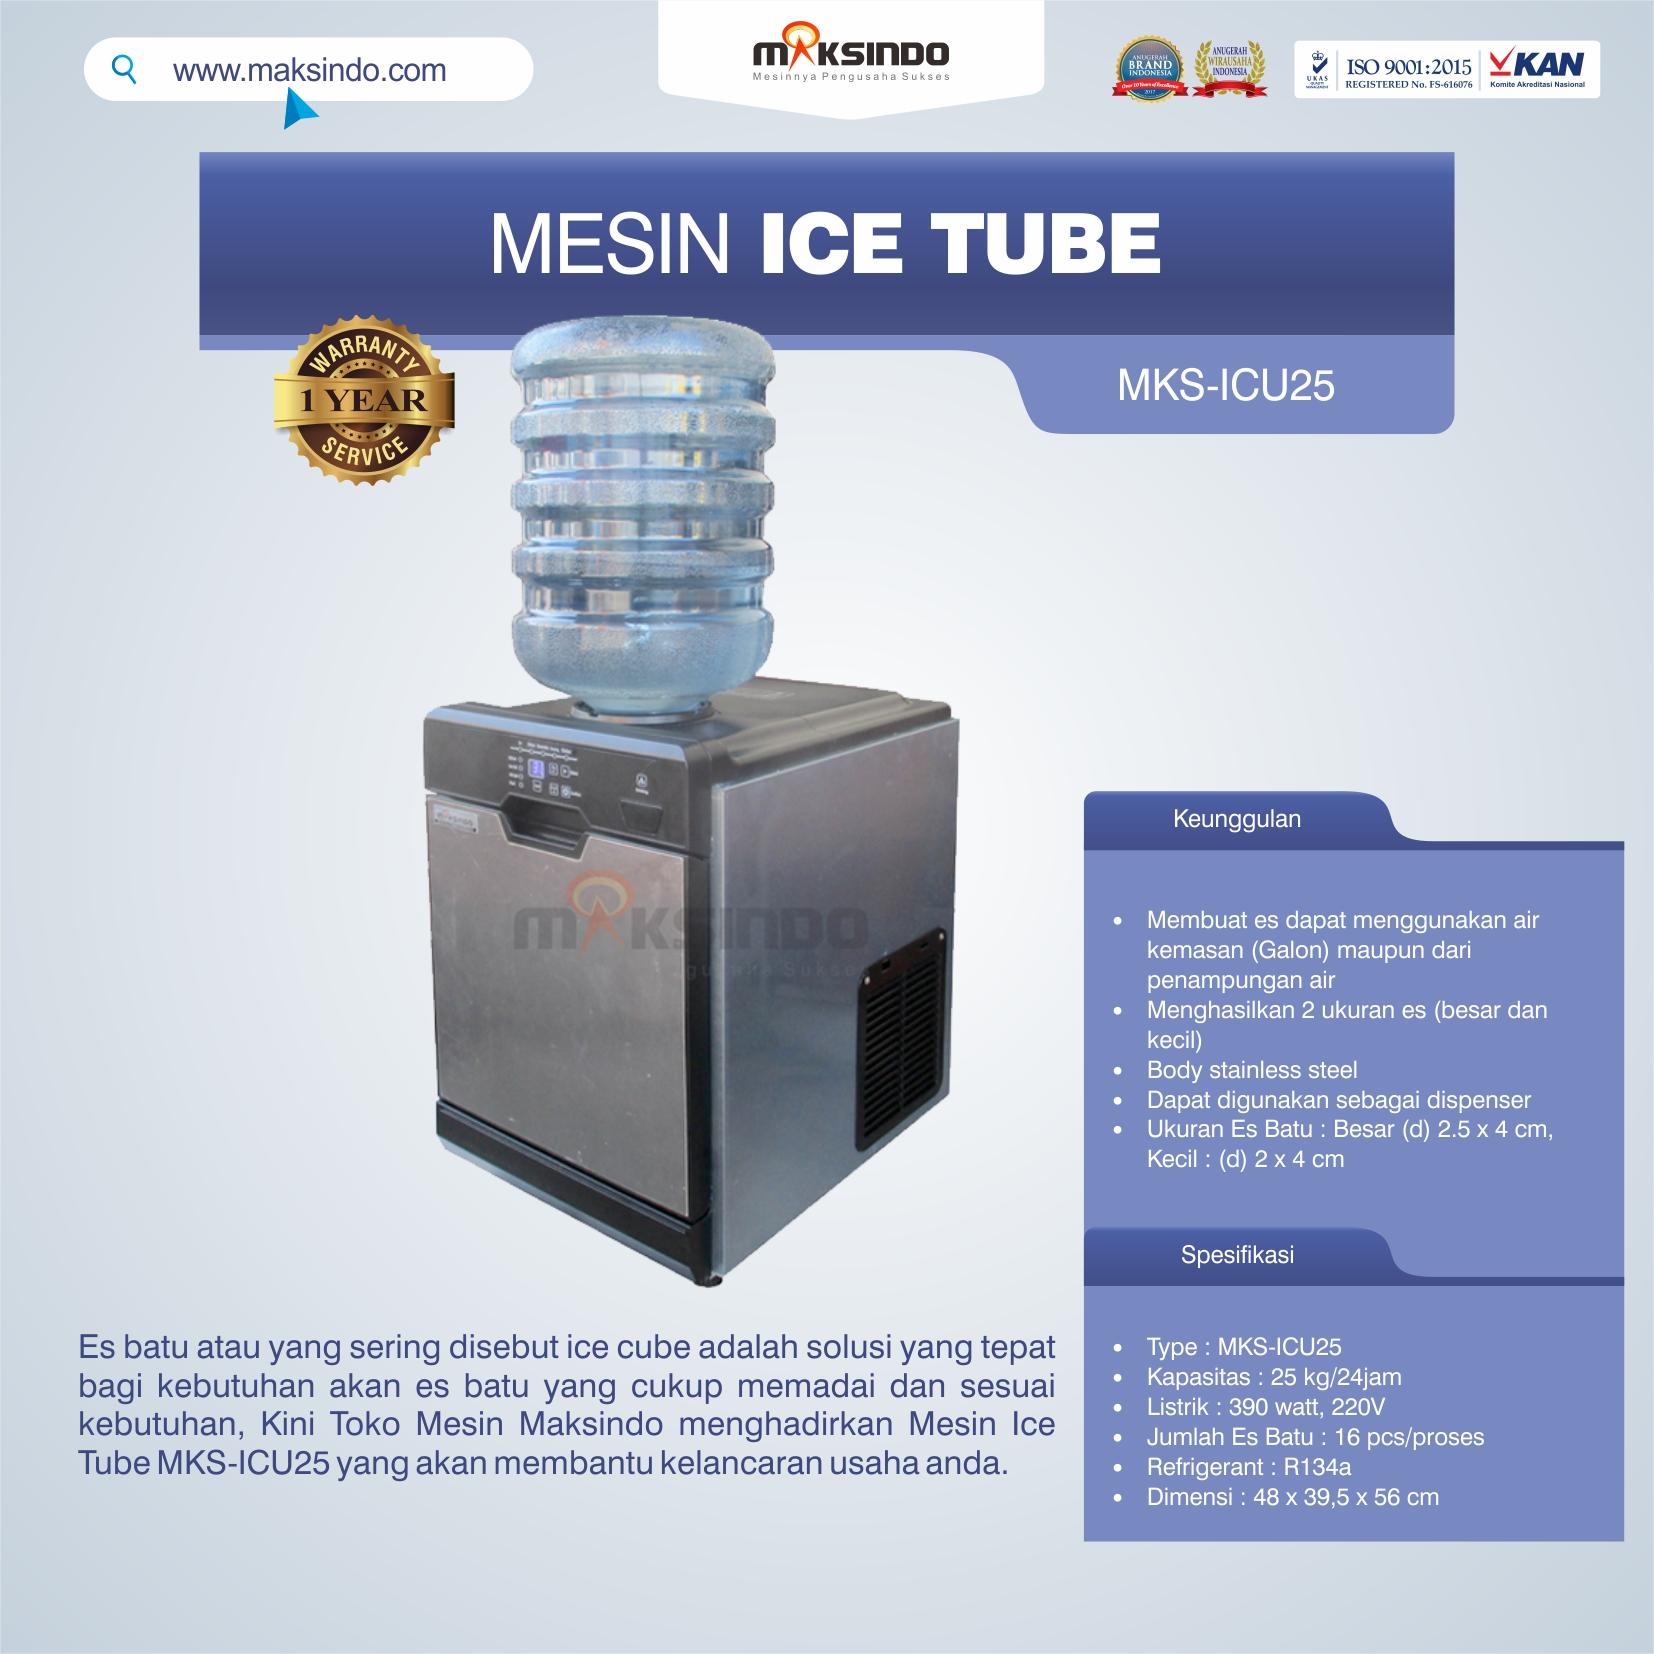 Jual Mesin Ice Tube MKS-ICU25 di Blitar